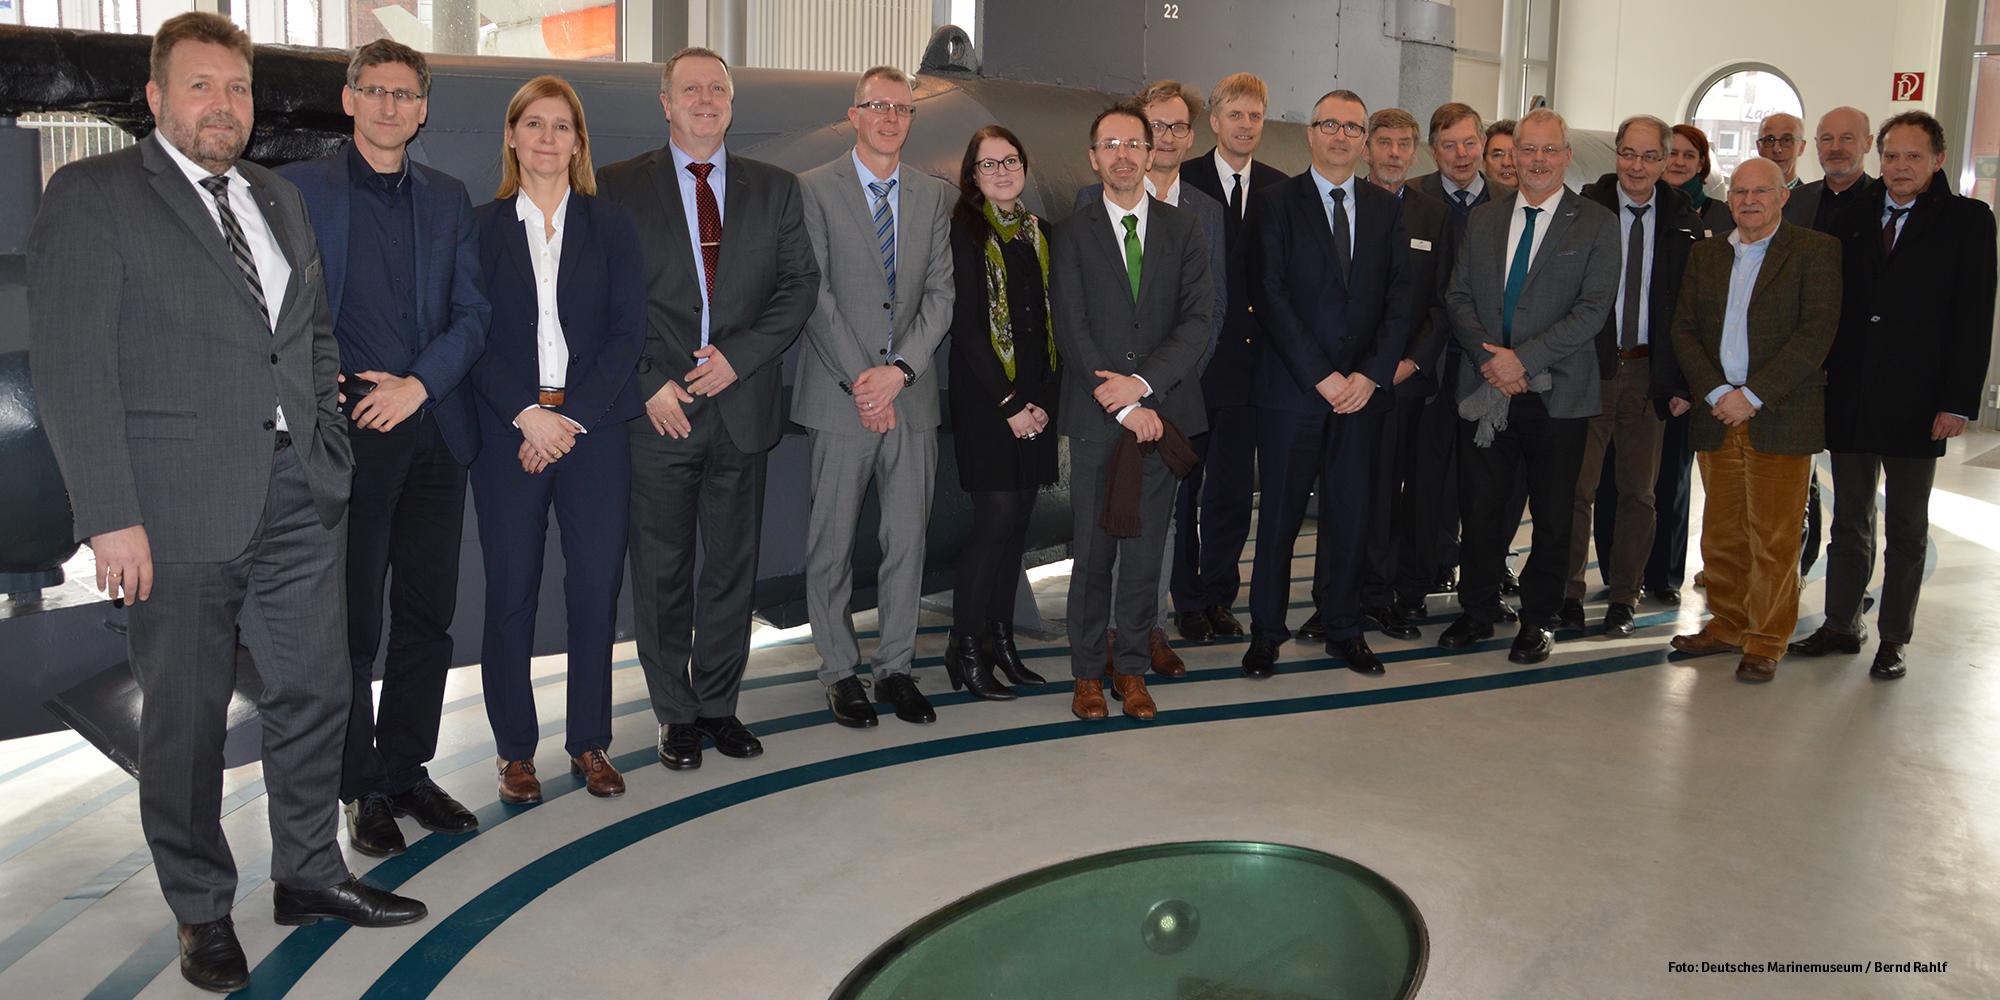 Die Teilnehmerinnen und Teilnehmer der Koordinierungsbesprechung für die Museumserweiterung im Deutschen Marinemuseum (Foto: Deutsches Marinemuseum/ Bernd Rahlf)